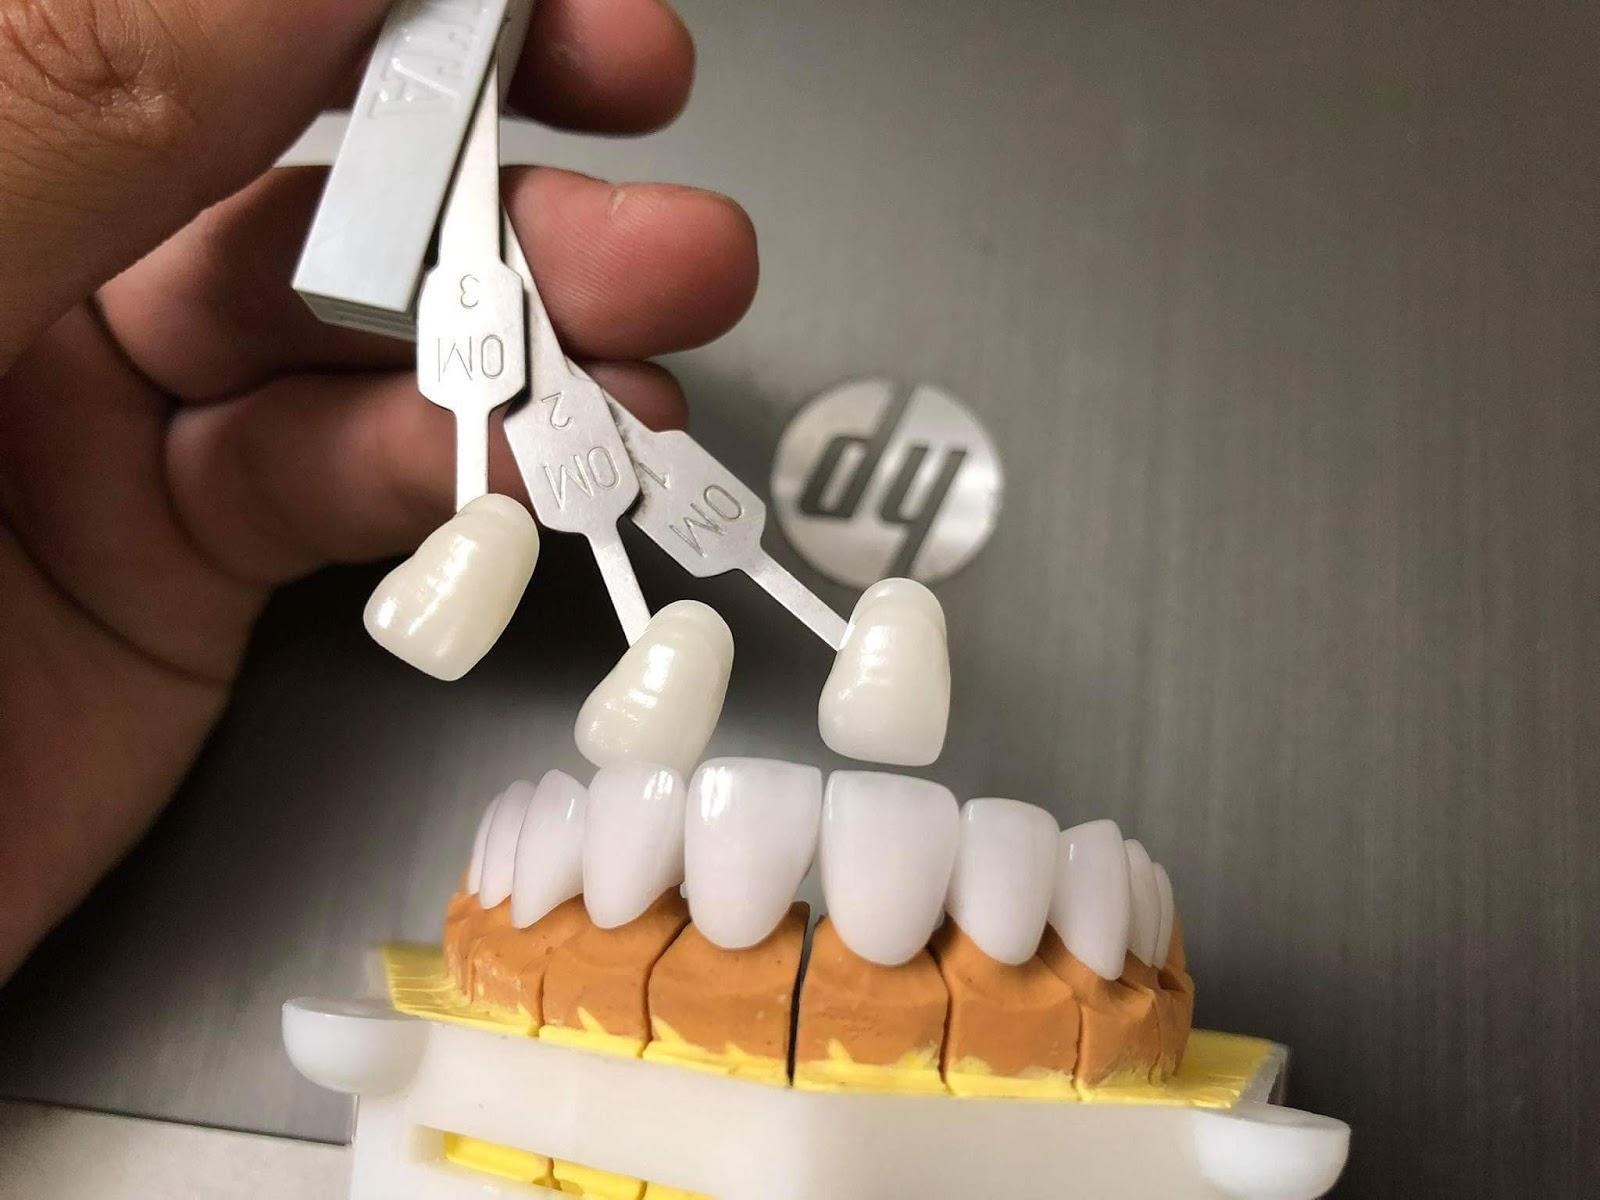 răng sứ cercon HT giá rẻ tại nha khoa catarina